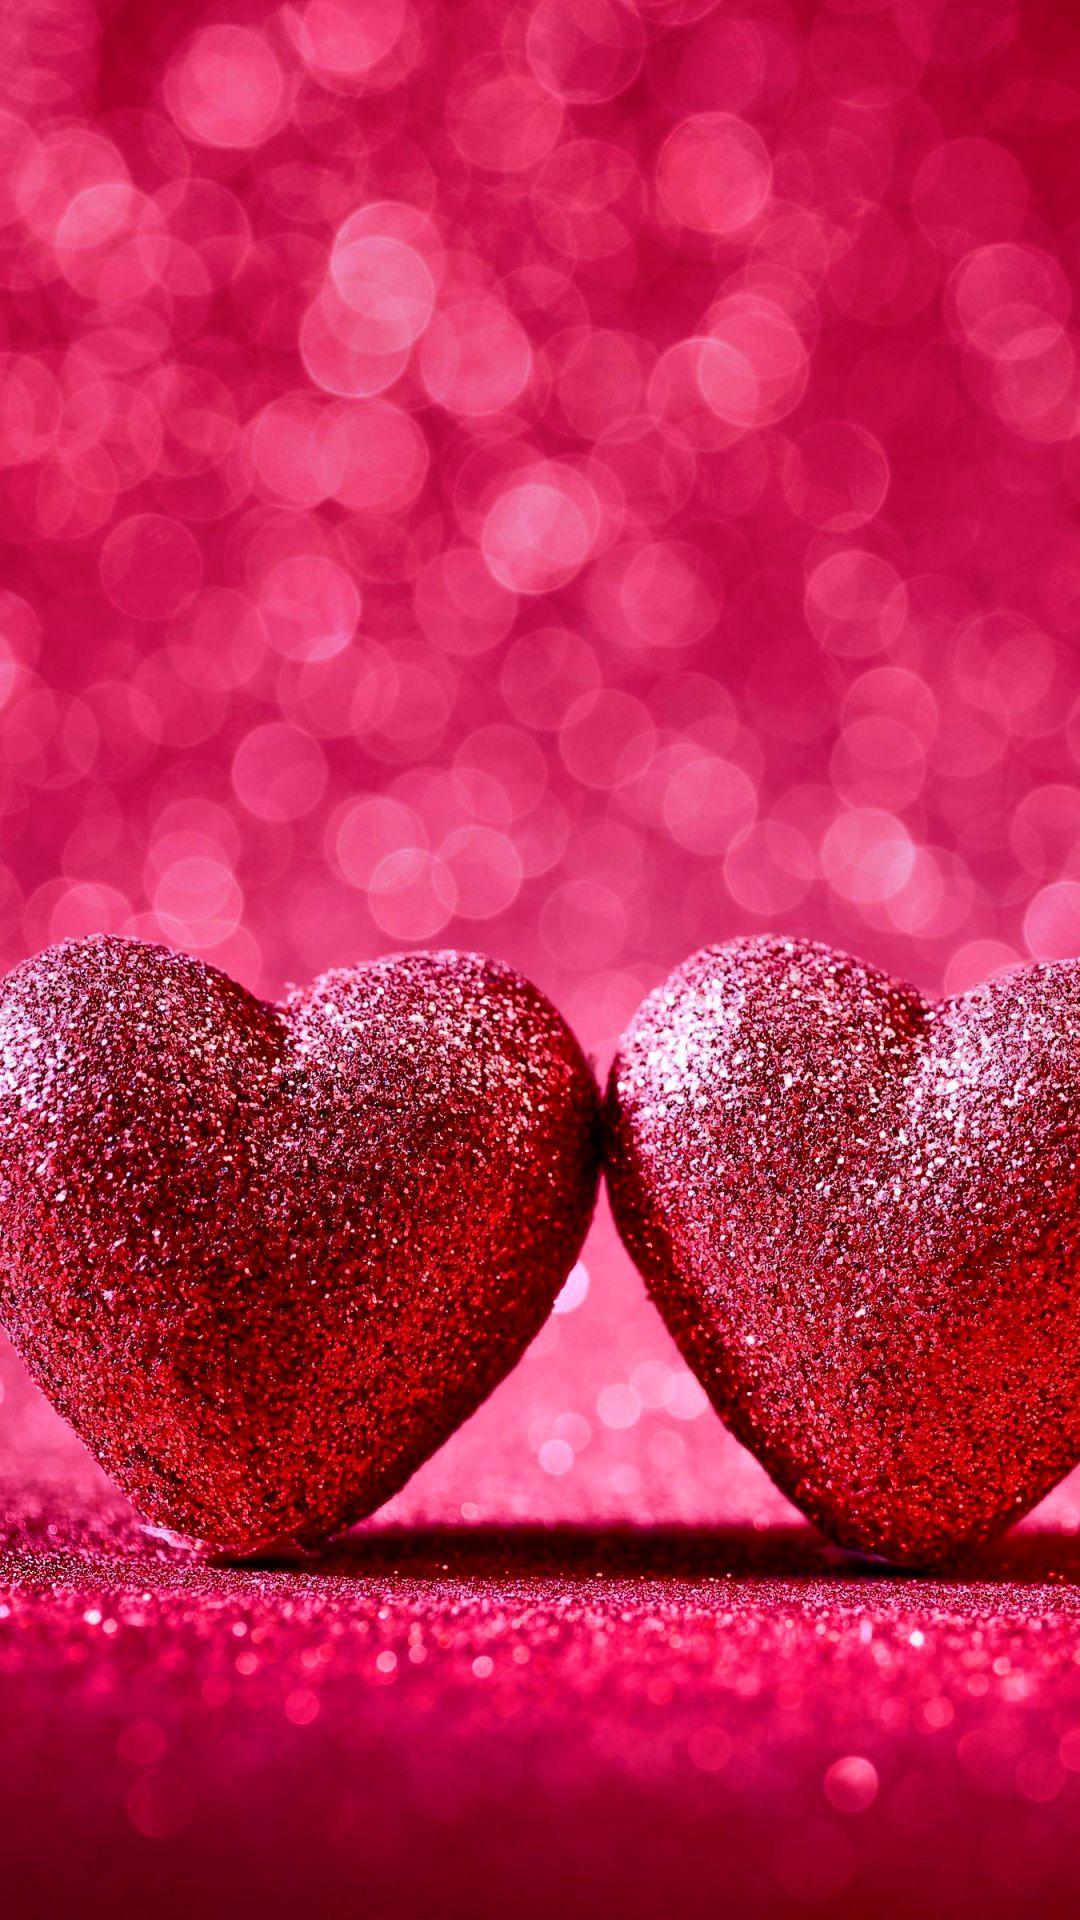 Valentine Background Valentines Wallpaper Beautiful Wallpapers For Iphone Beautiful Wallpaper Images